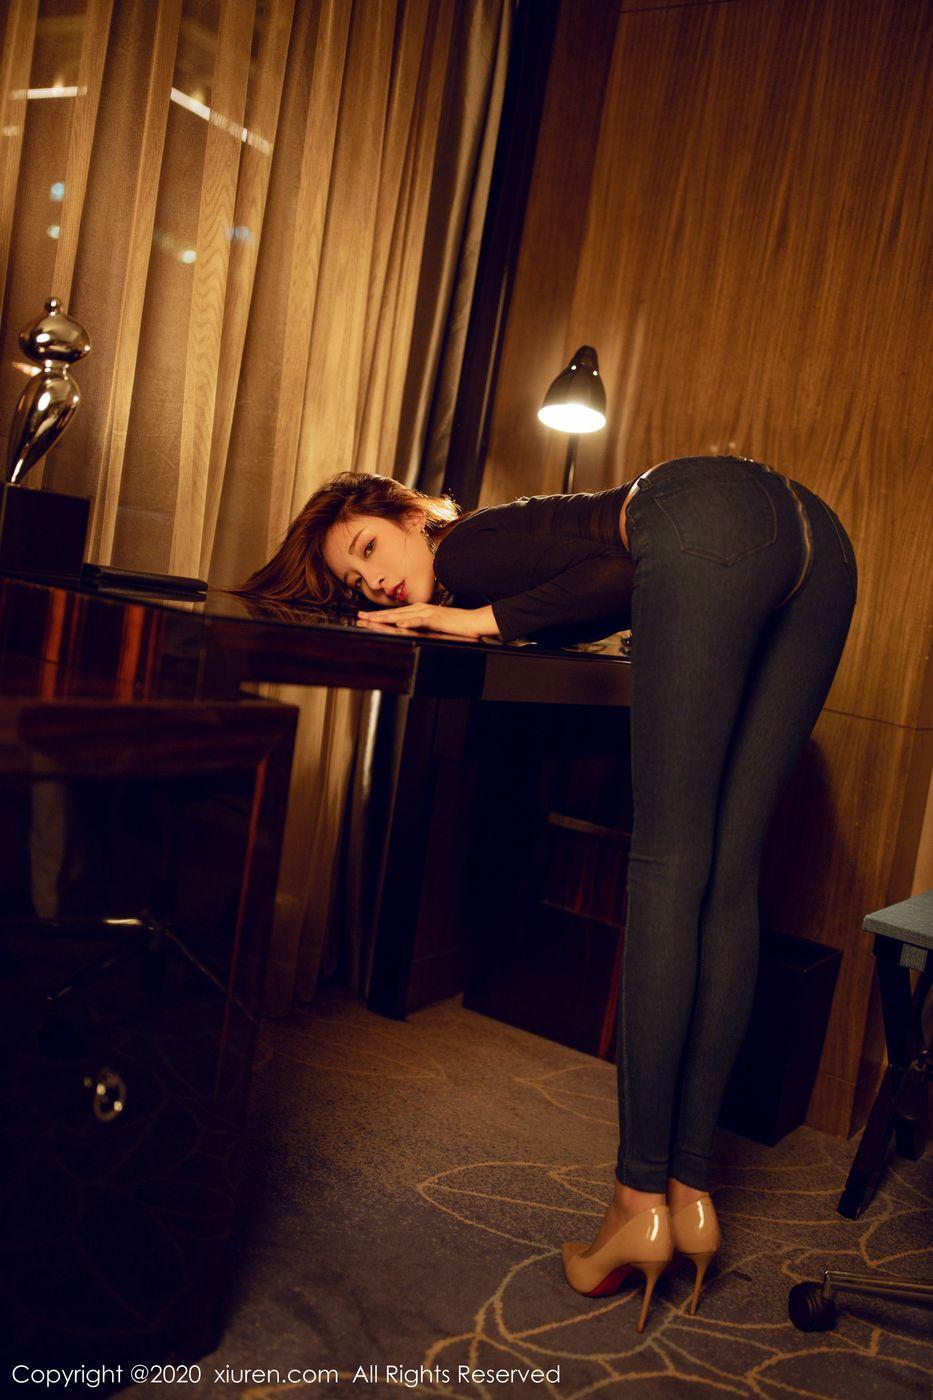 Vol.621 牛仔裤丝袜美腿内衣诱惑翘臀美胸短发美女秀人网-陈小喵完整私房照合集